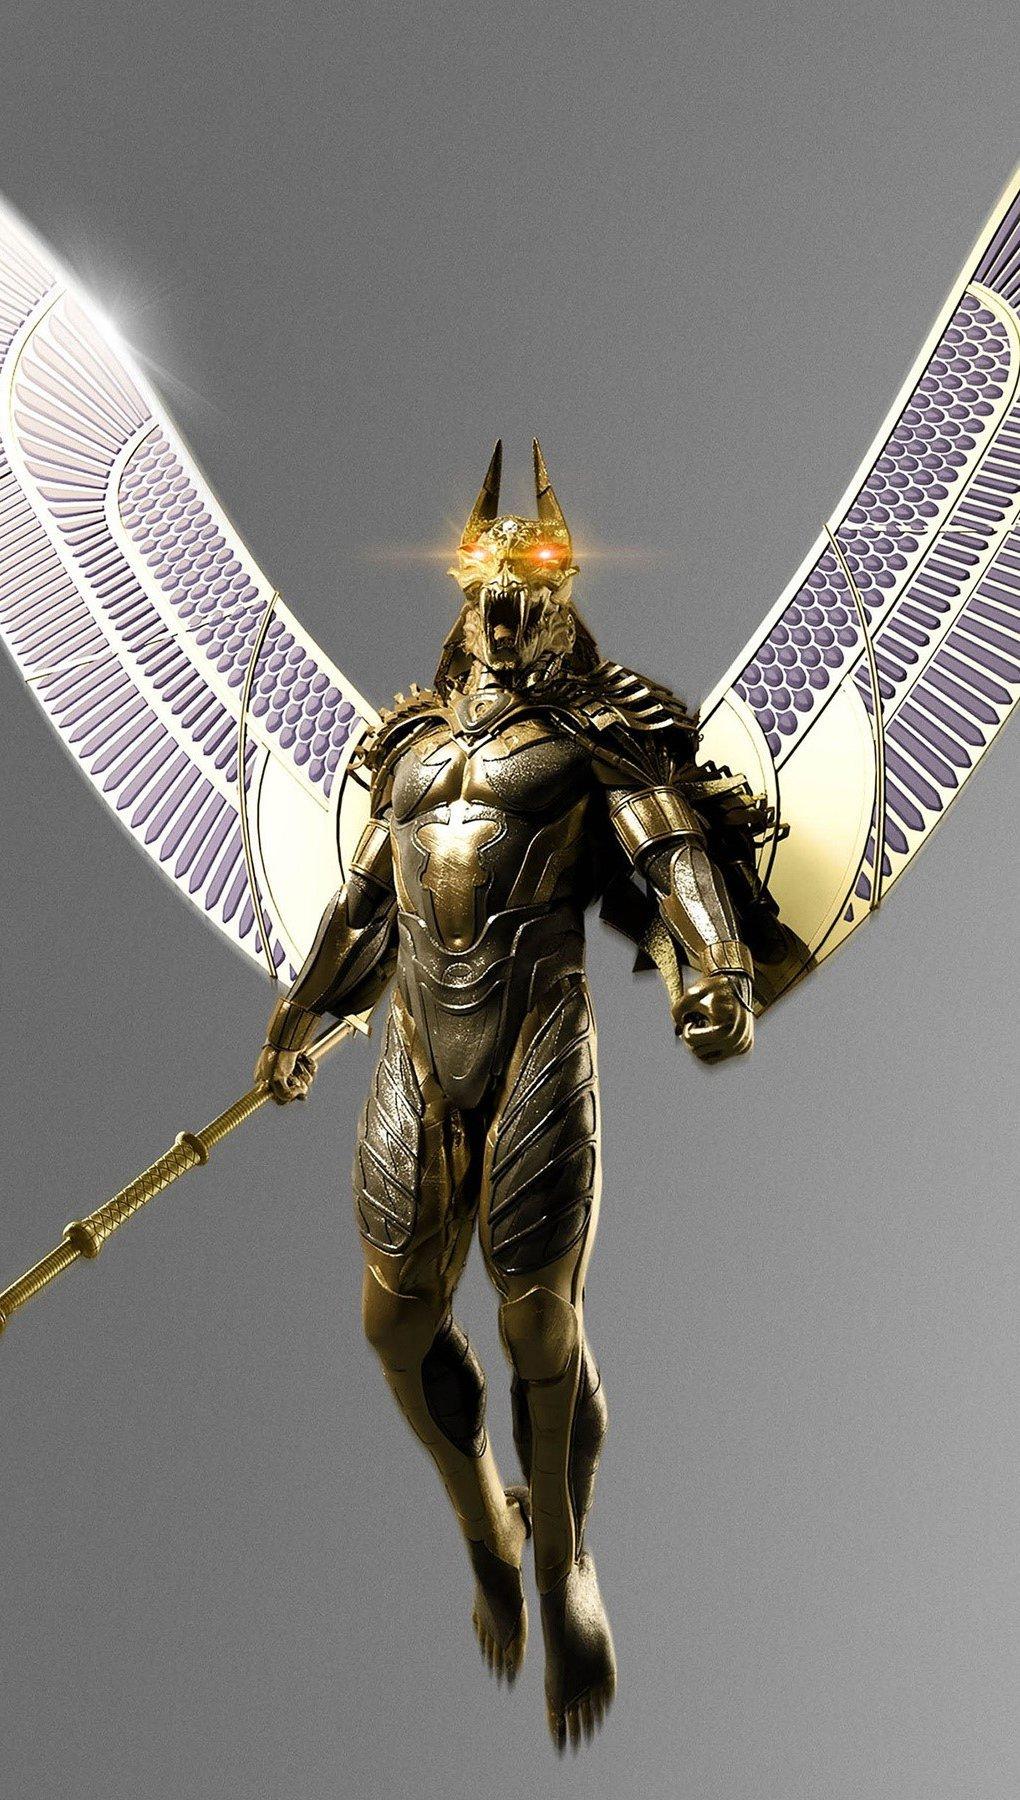 Wallpaper Egyptian Gods movie Vertical